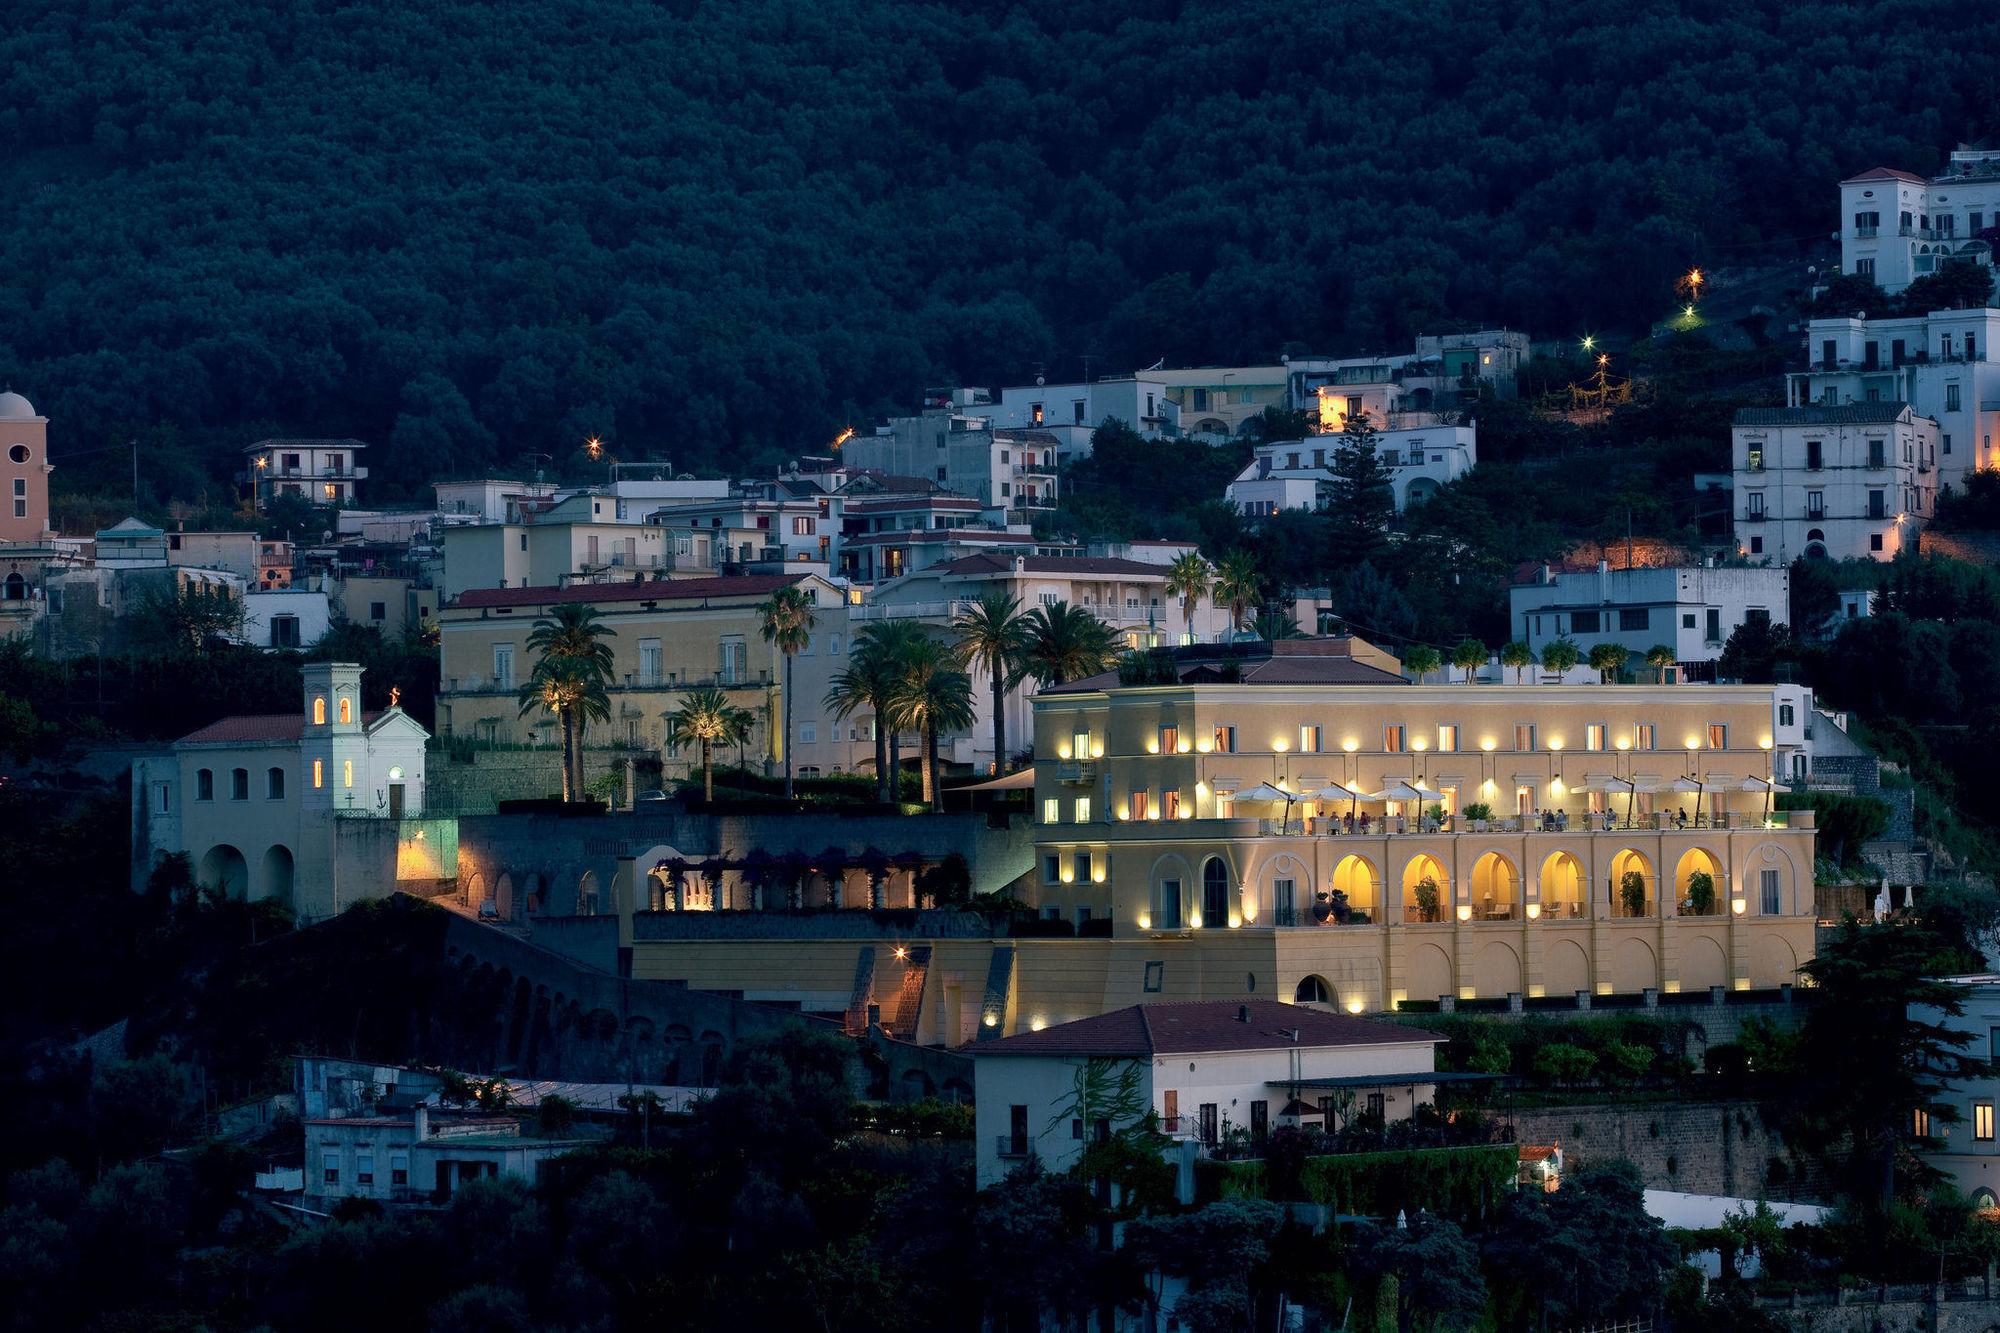 Hotel Angiolieri Vico Equense Italy